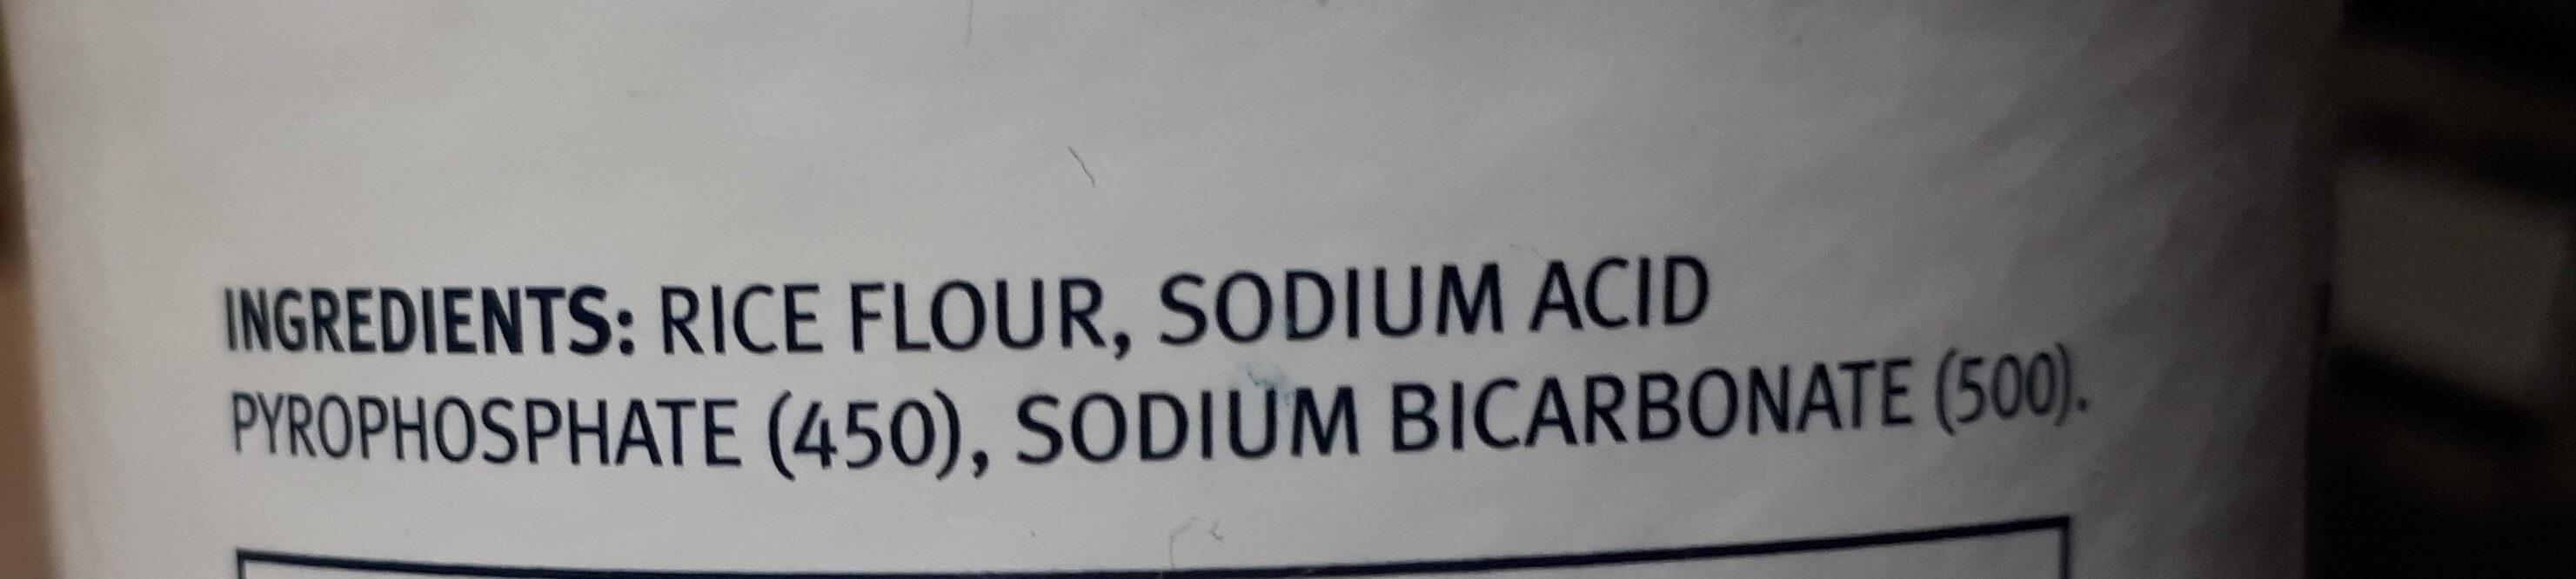 Baking Powder - Ingredients - en